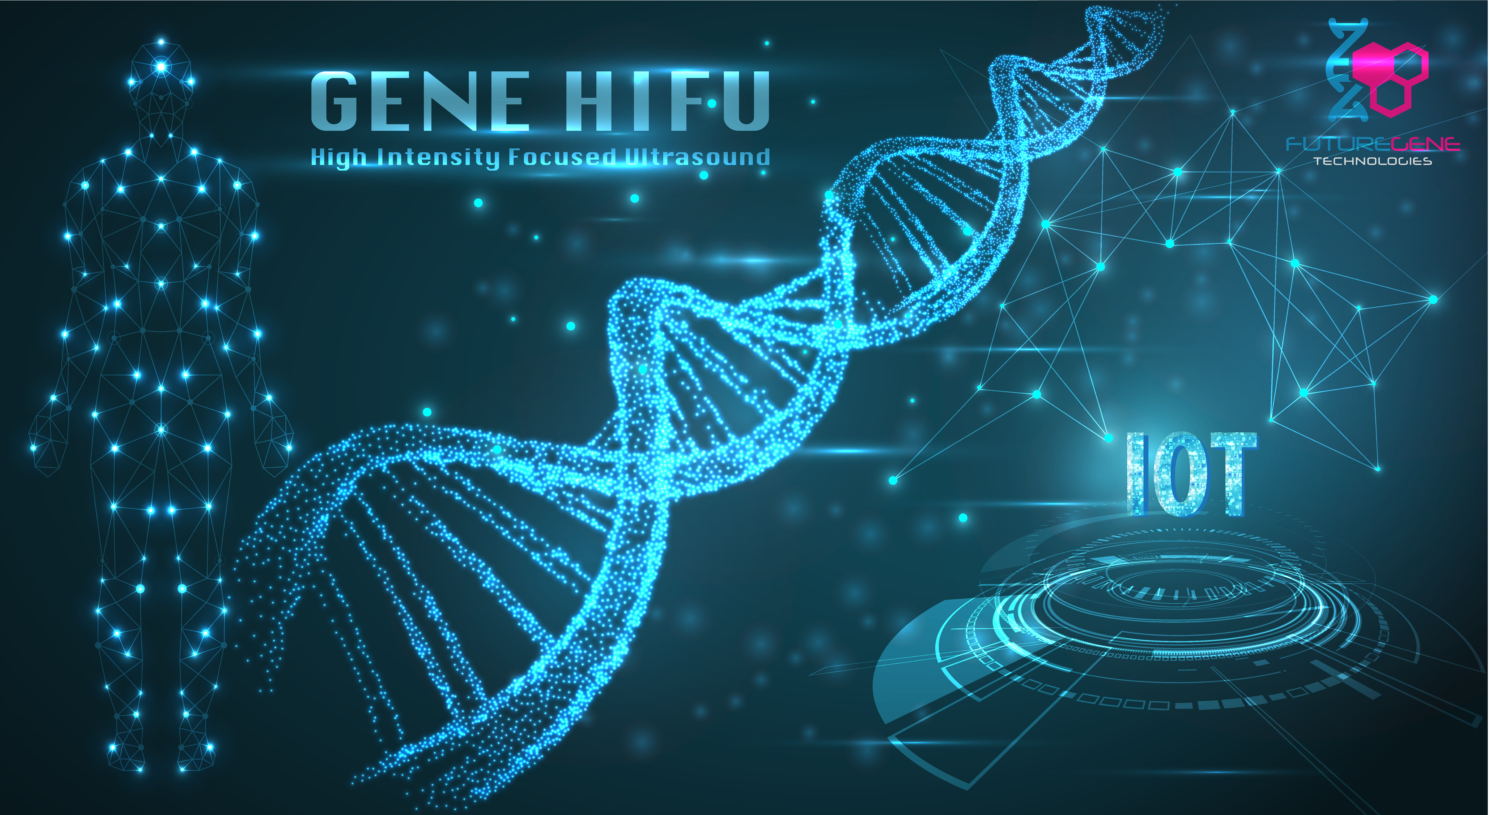 遺伝子HIFU IoTとバイオテクノロジーでついに人類は神の領域に!?次世代HIFUでアンチエイジングの新たな歴史が始まる。